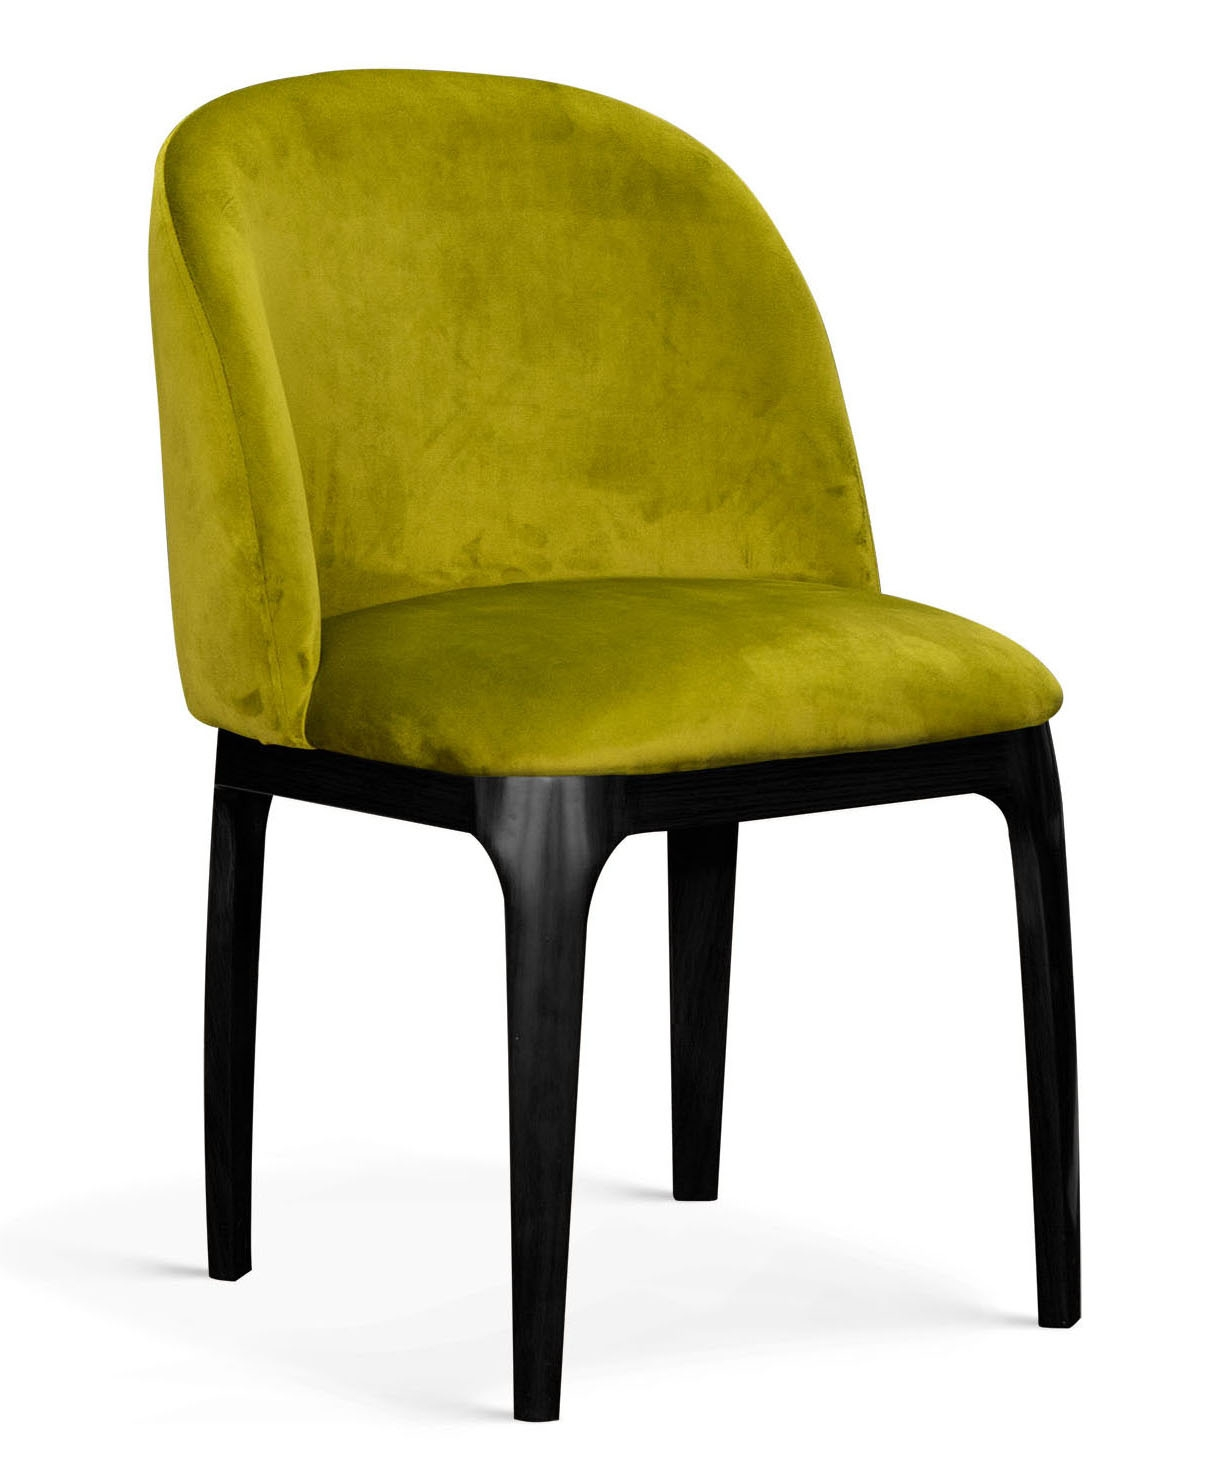 Scaun tapitat cu stofa, cu picioare metalice Grace Verde Olive / Negru, l53xA56xH83 cm